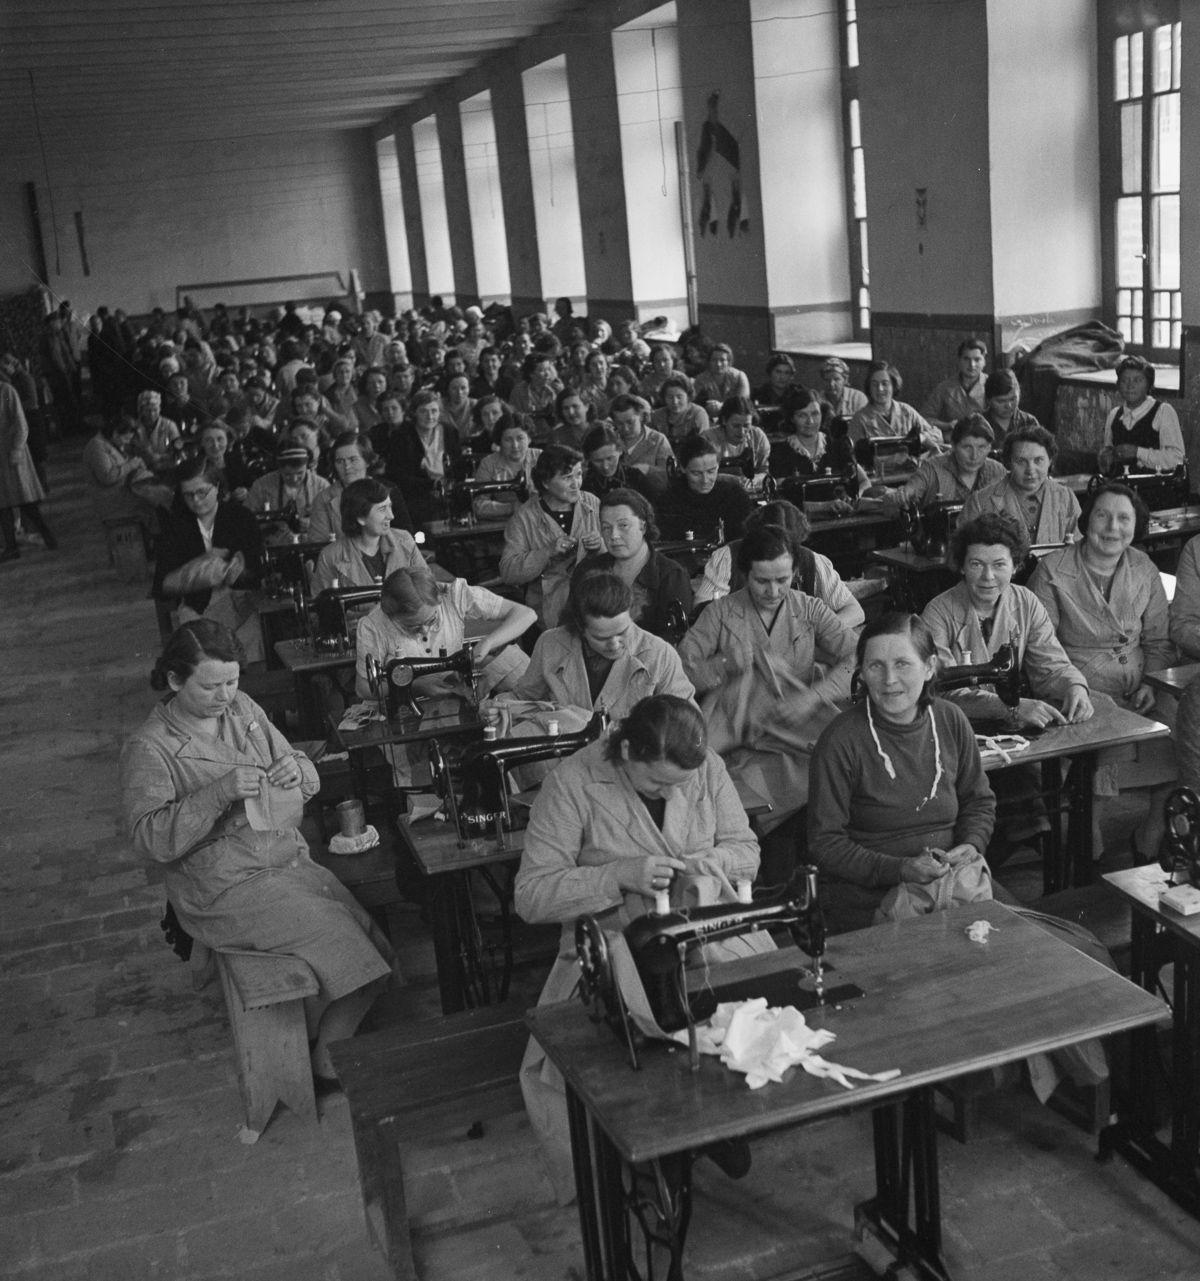 Na Segunda Guerra Mundial, refugiados poloneses encontraram seguran�a no Ir� 08